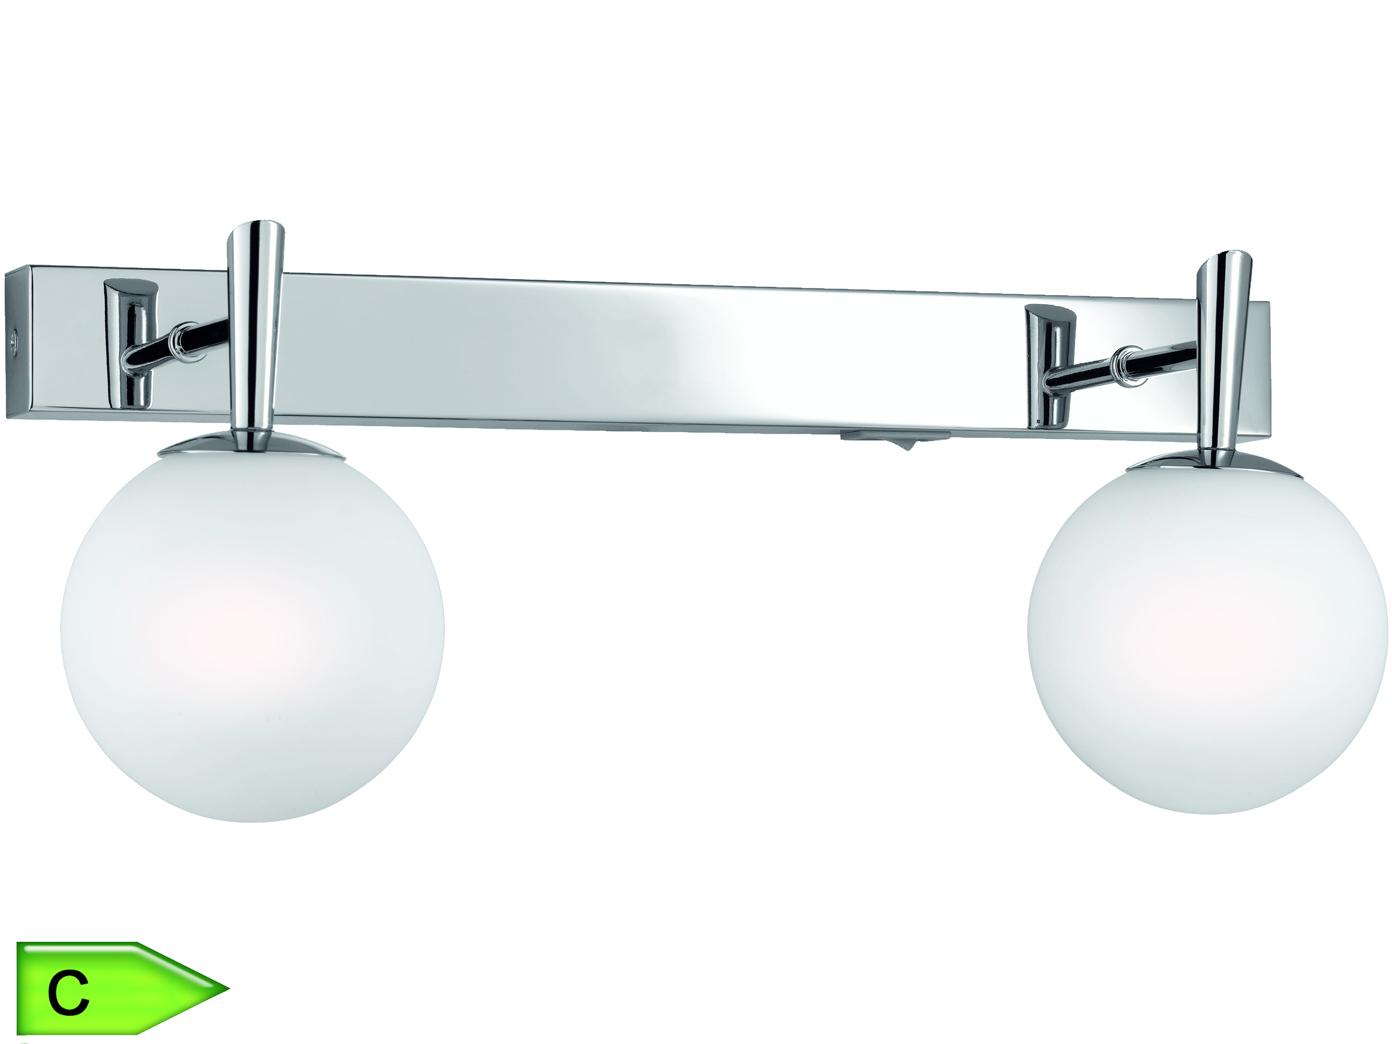 Badezimmer-Balken, 2 x 28W/G9, Länge 37cm, Schalter, Chrom/weiss